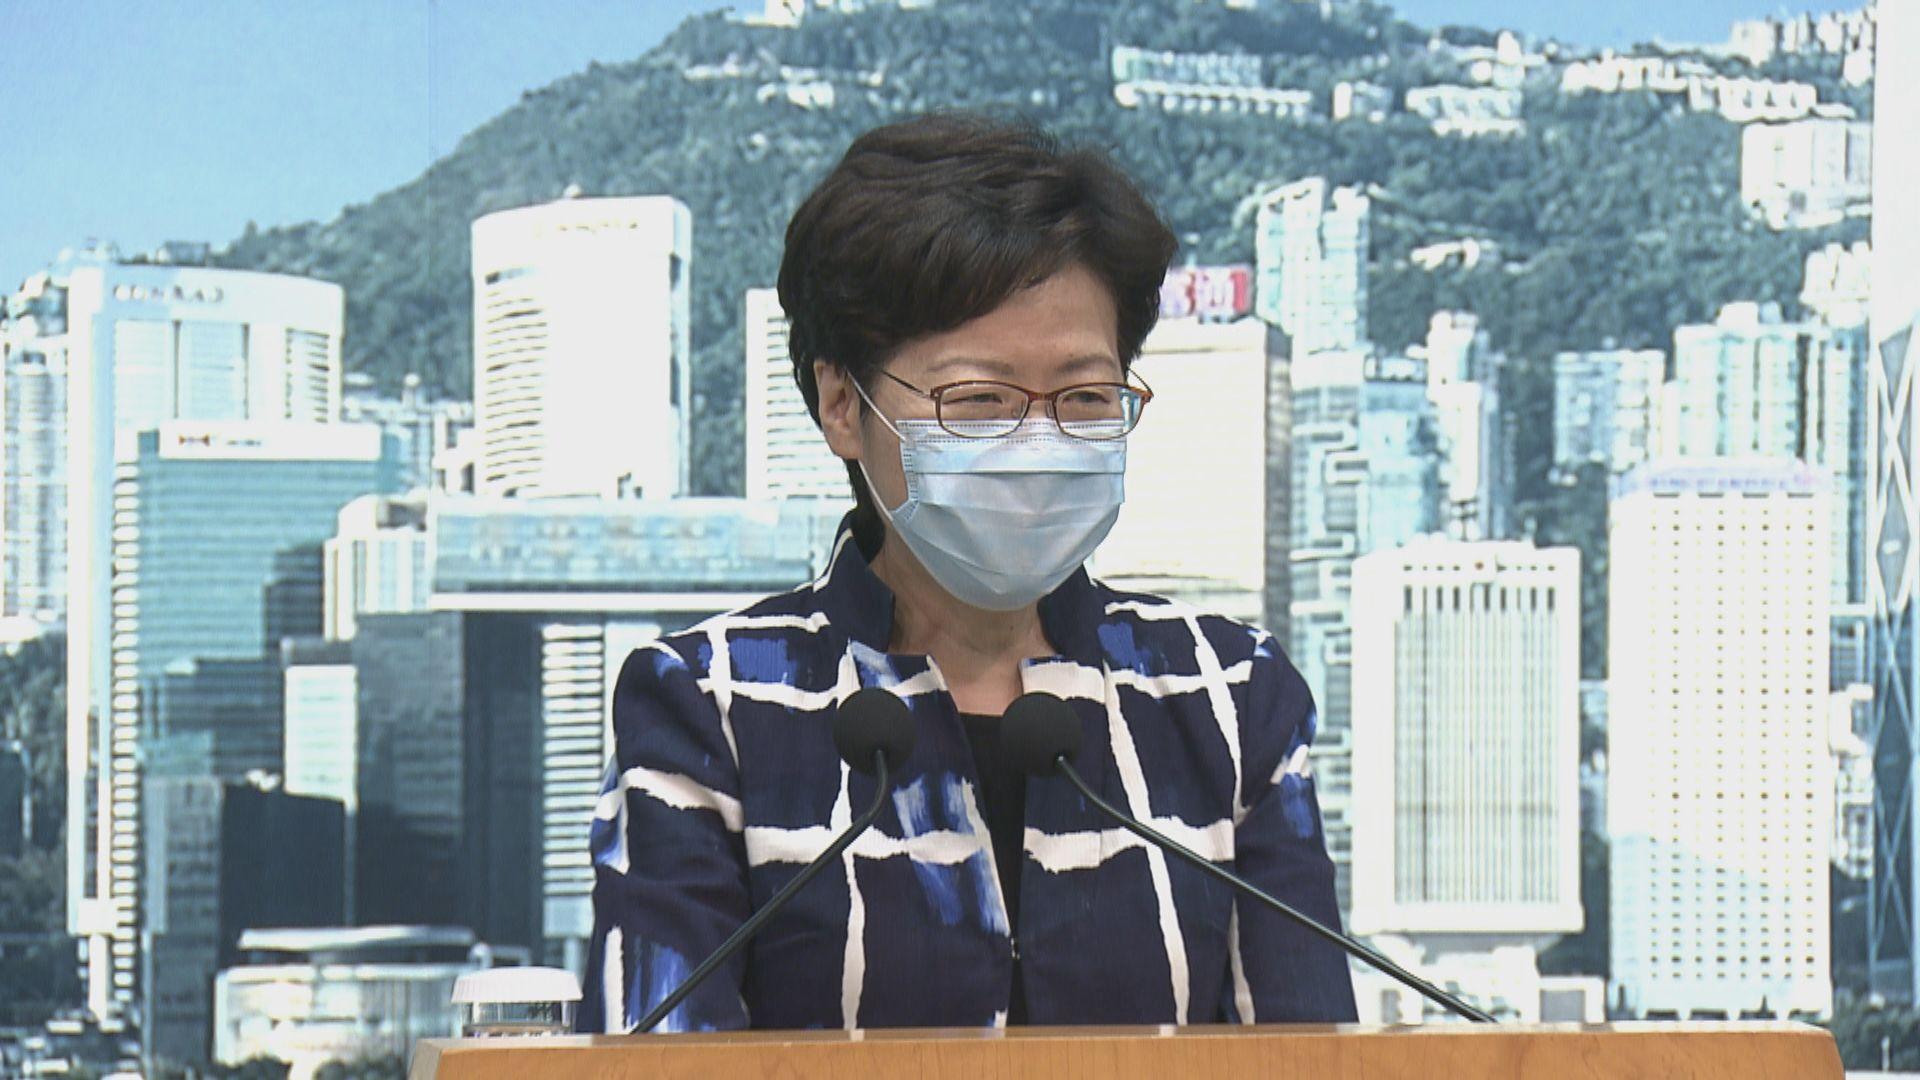 【最新】林鄭:有人籲市民不參加全民檢測目的為抹黑中央